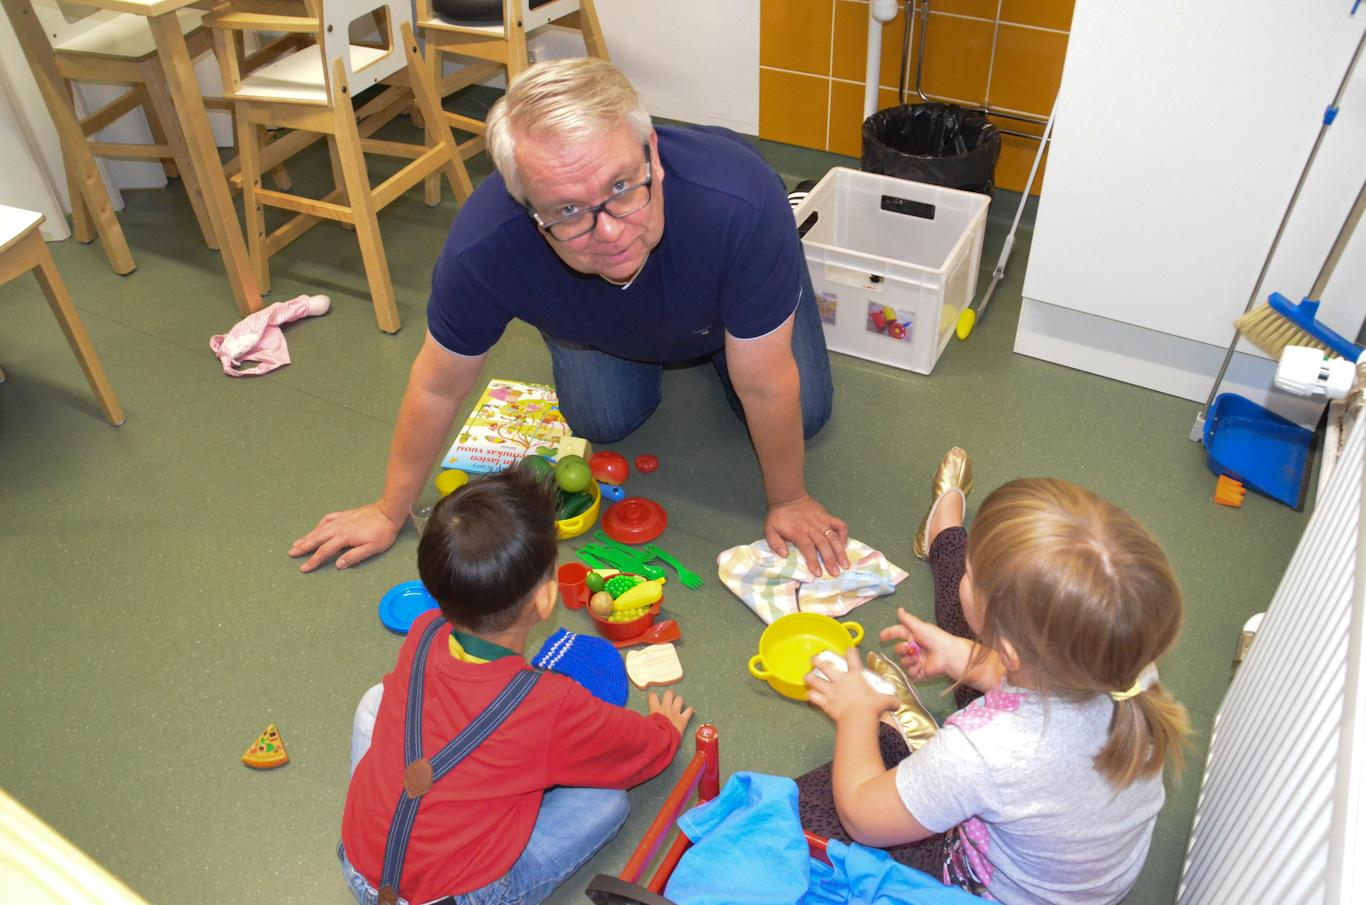 Medelålders man leker med ett par barn på golvet.